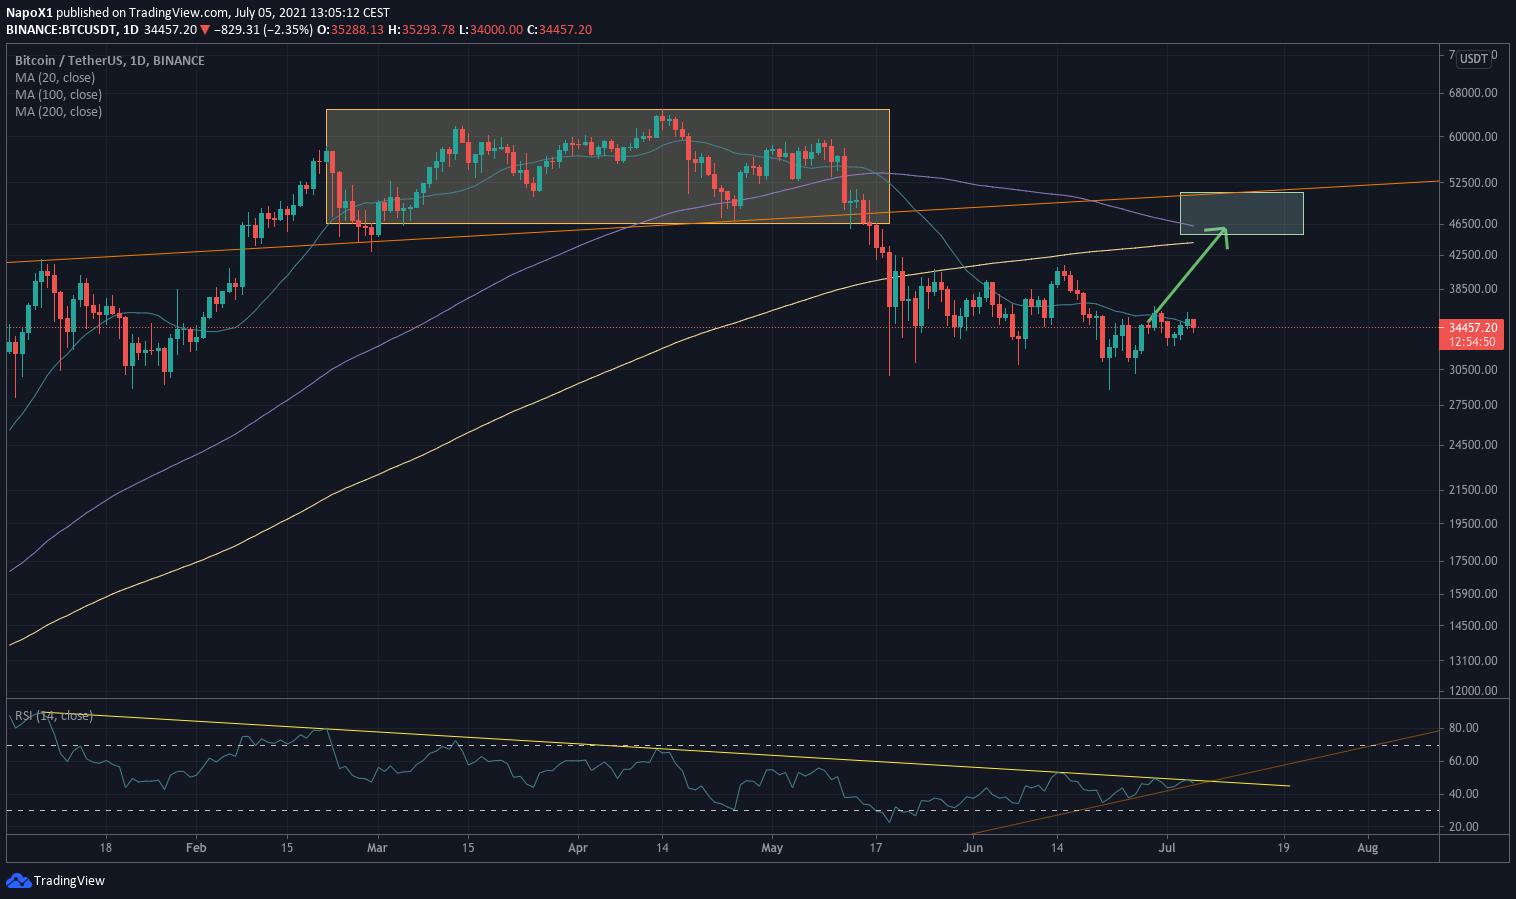 Le marché du Bitcoin se redresse enfin - 07/07/21